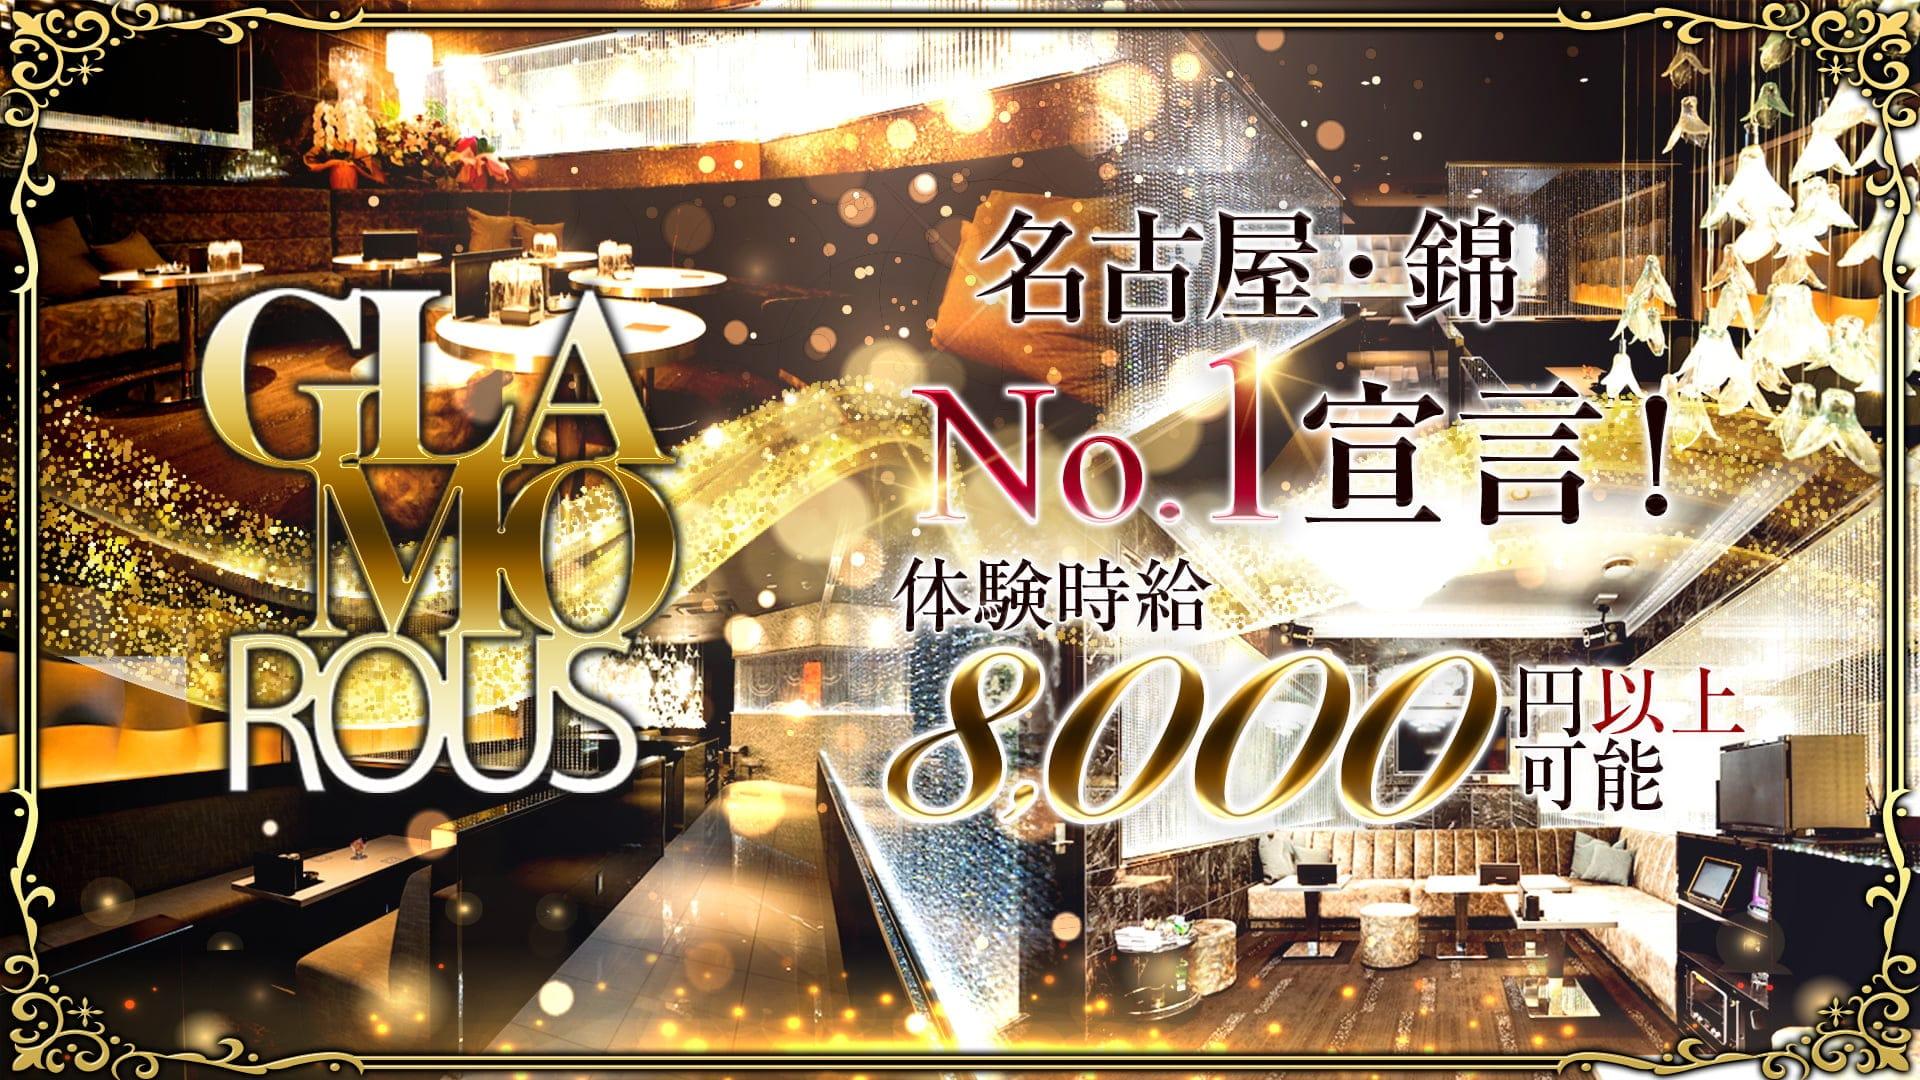 【名古屋・錦】GLAMOROUS(グラマラス)【公式求人・体入情報】 浜松キャバクラ TOP画像